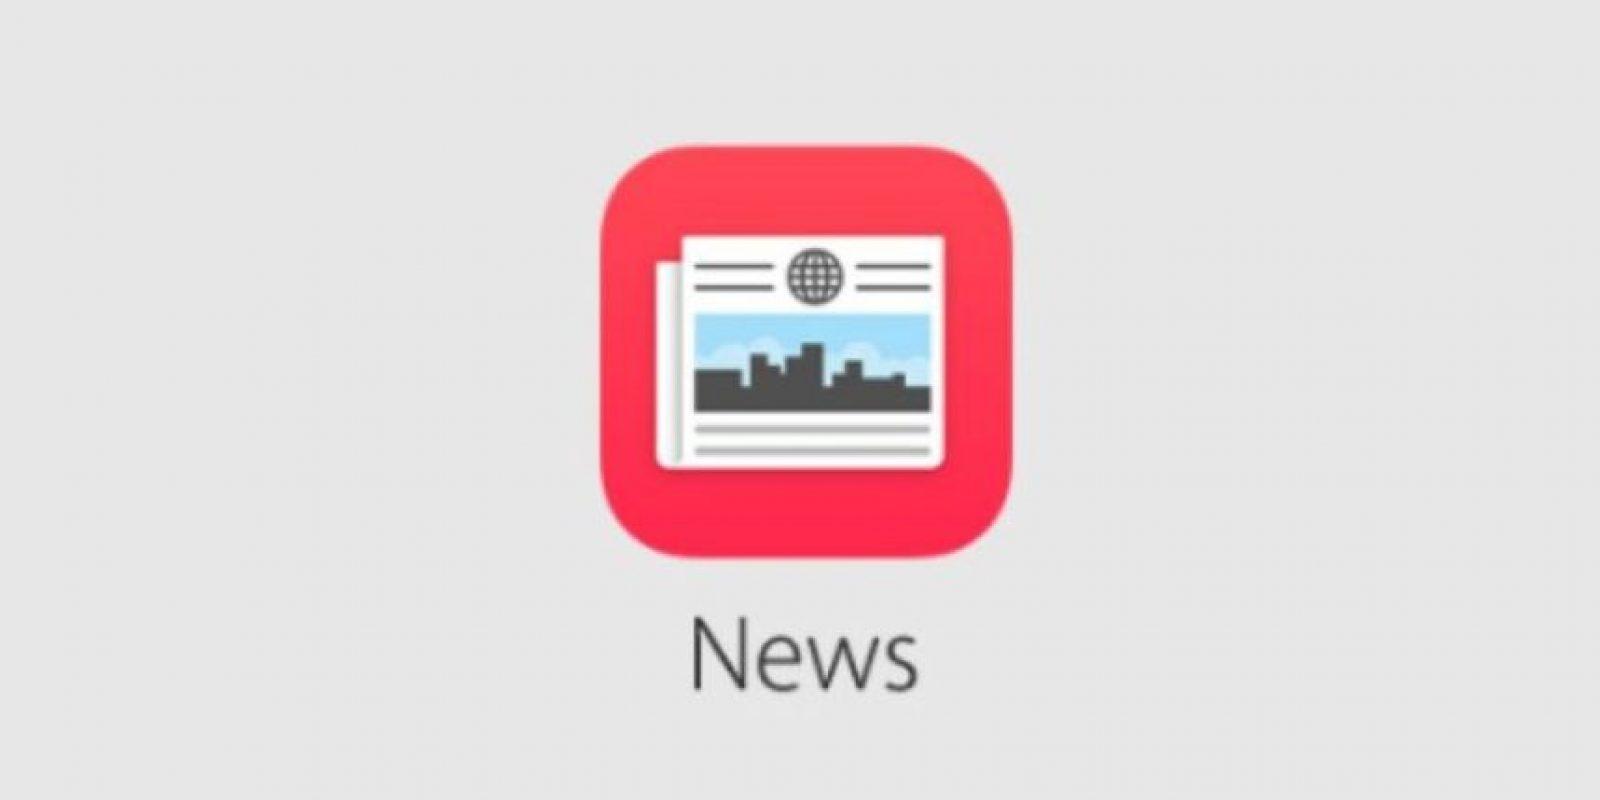 News: aplicación para leer artículos y noticias al instante. Foto:Apple